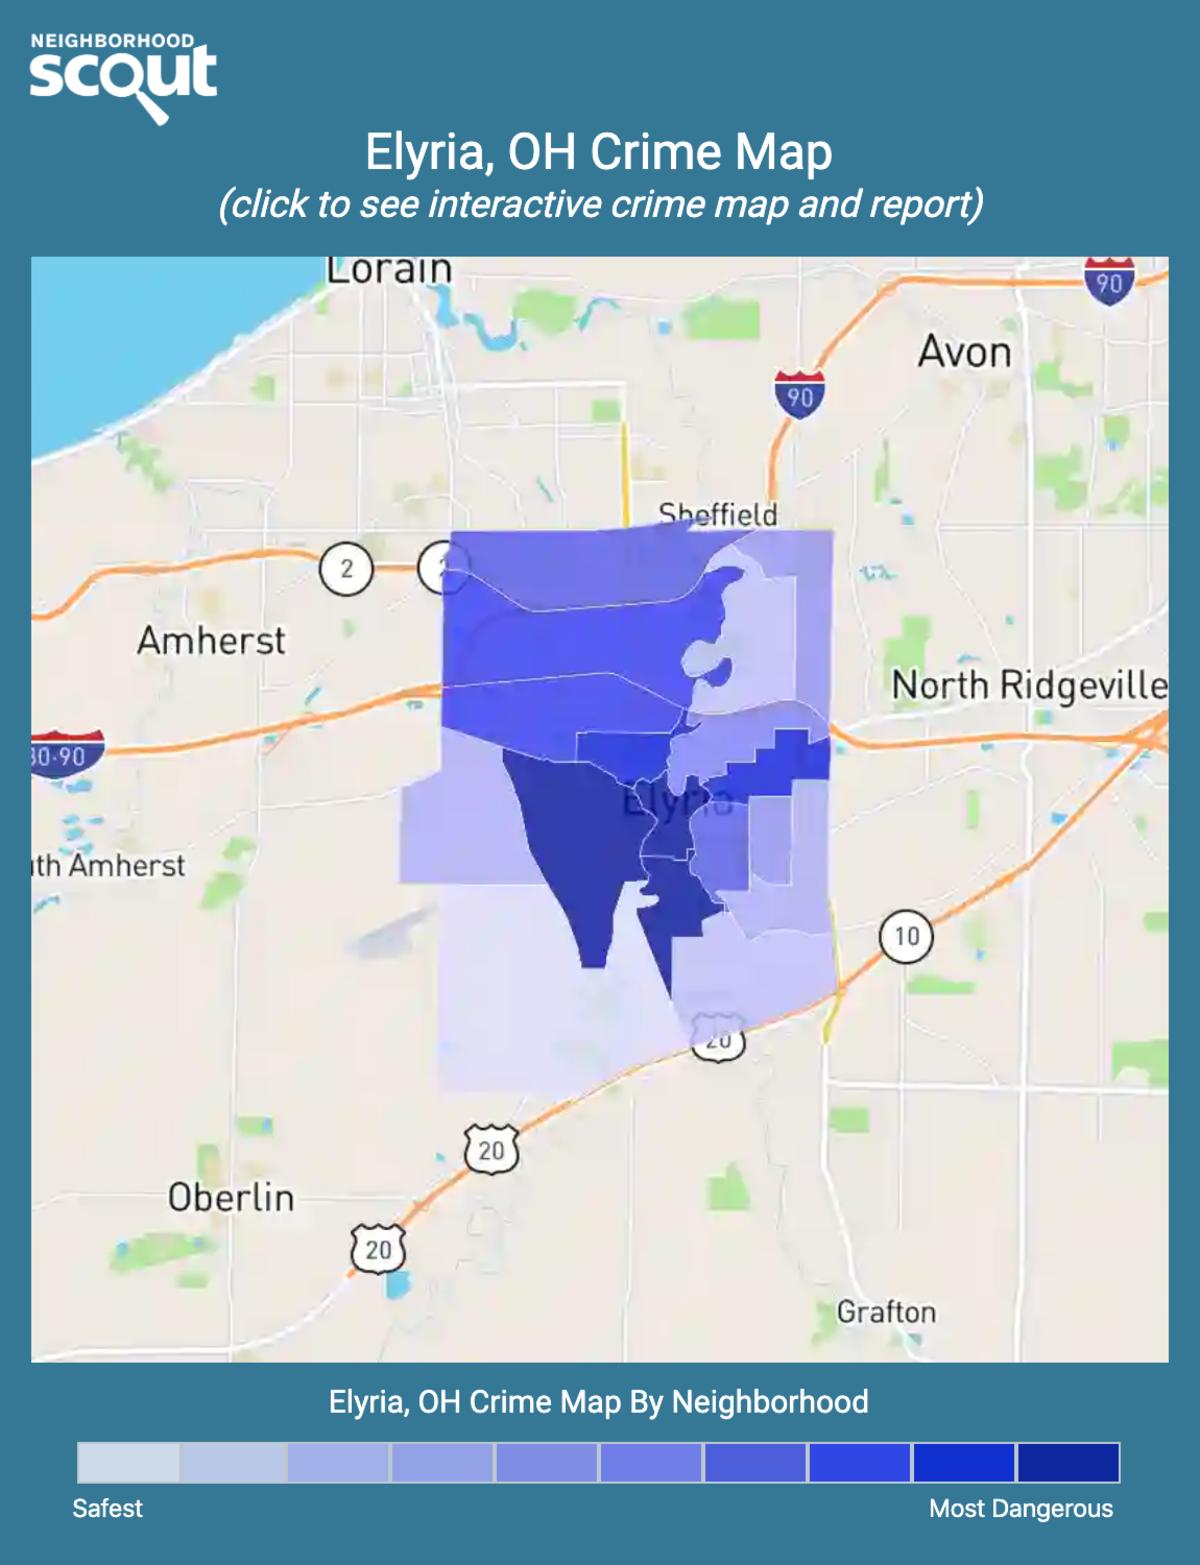 Elyria, Ohio crime map